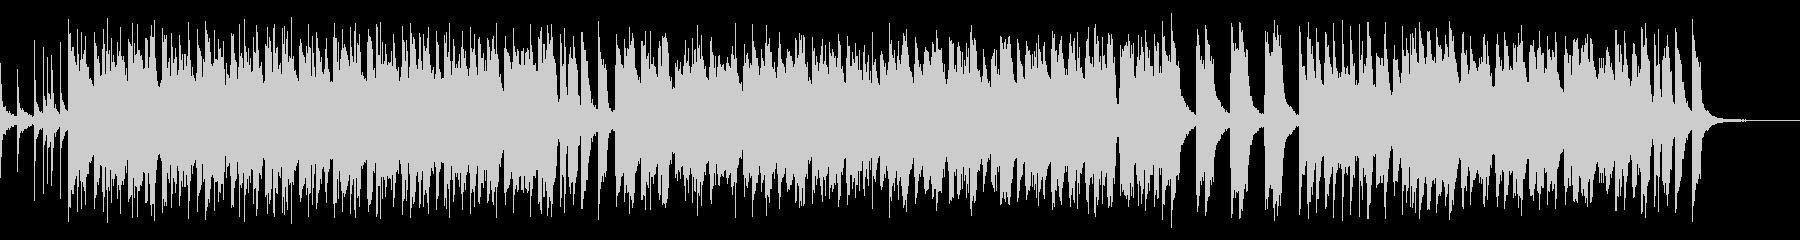 スティールドラムを使った定番の南国風の曲の未再生の波形